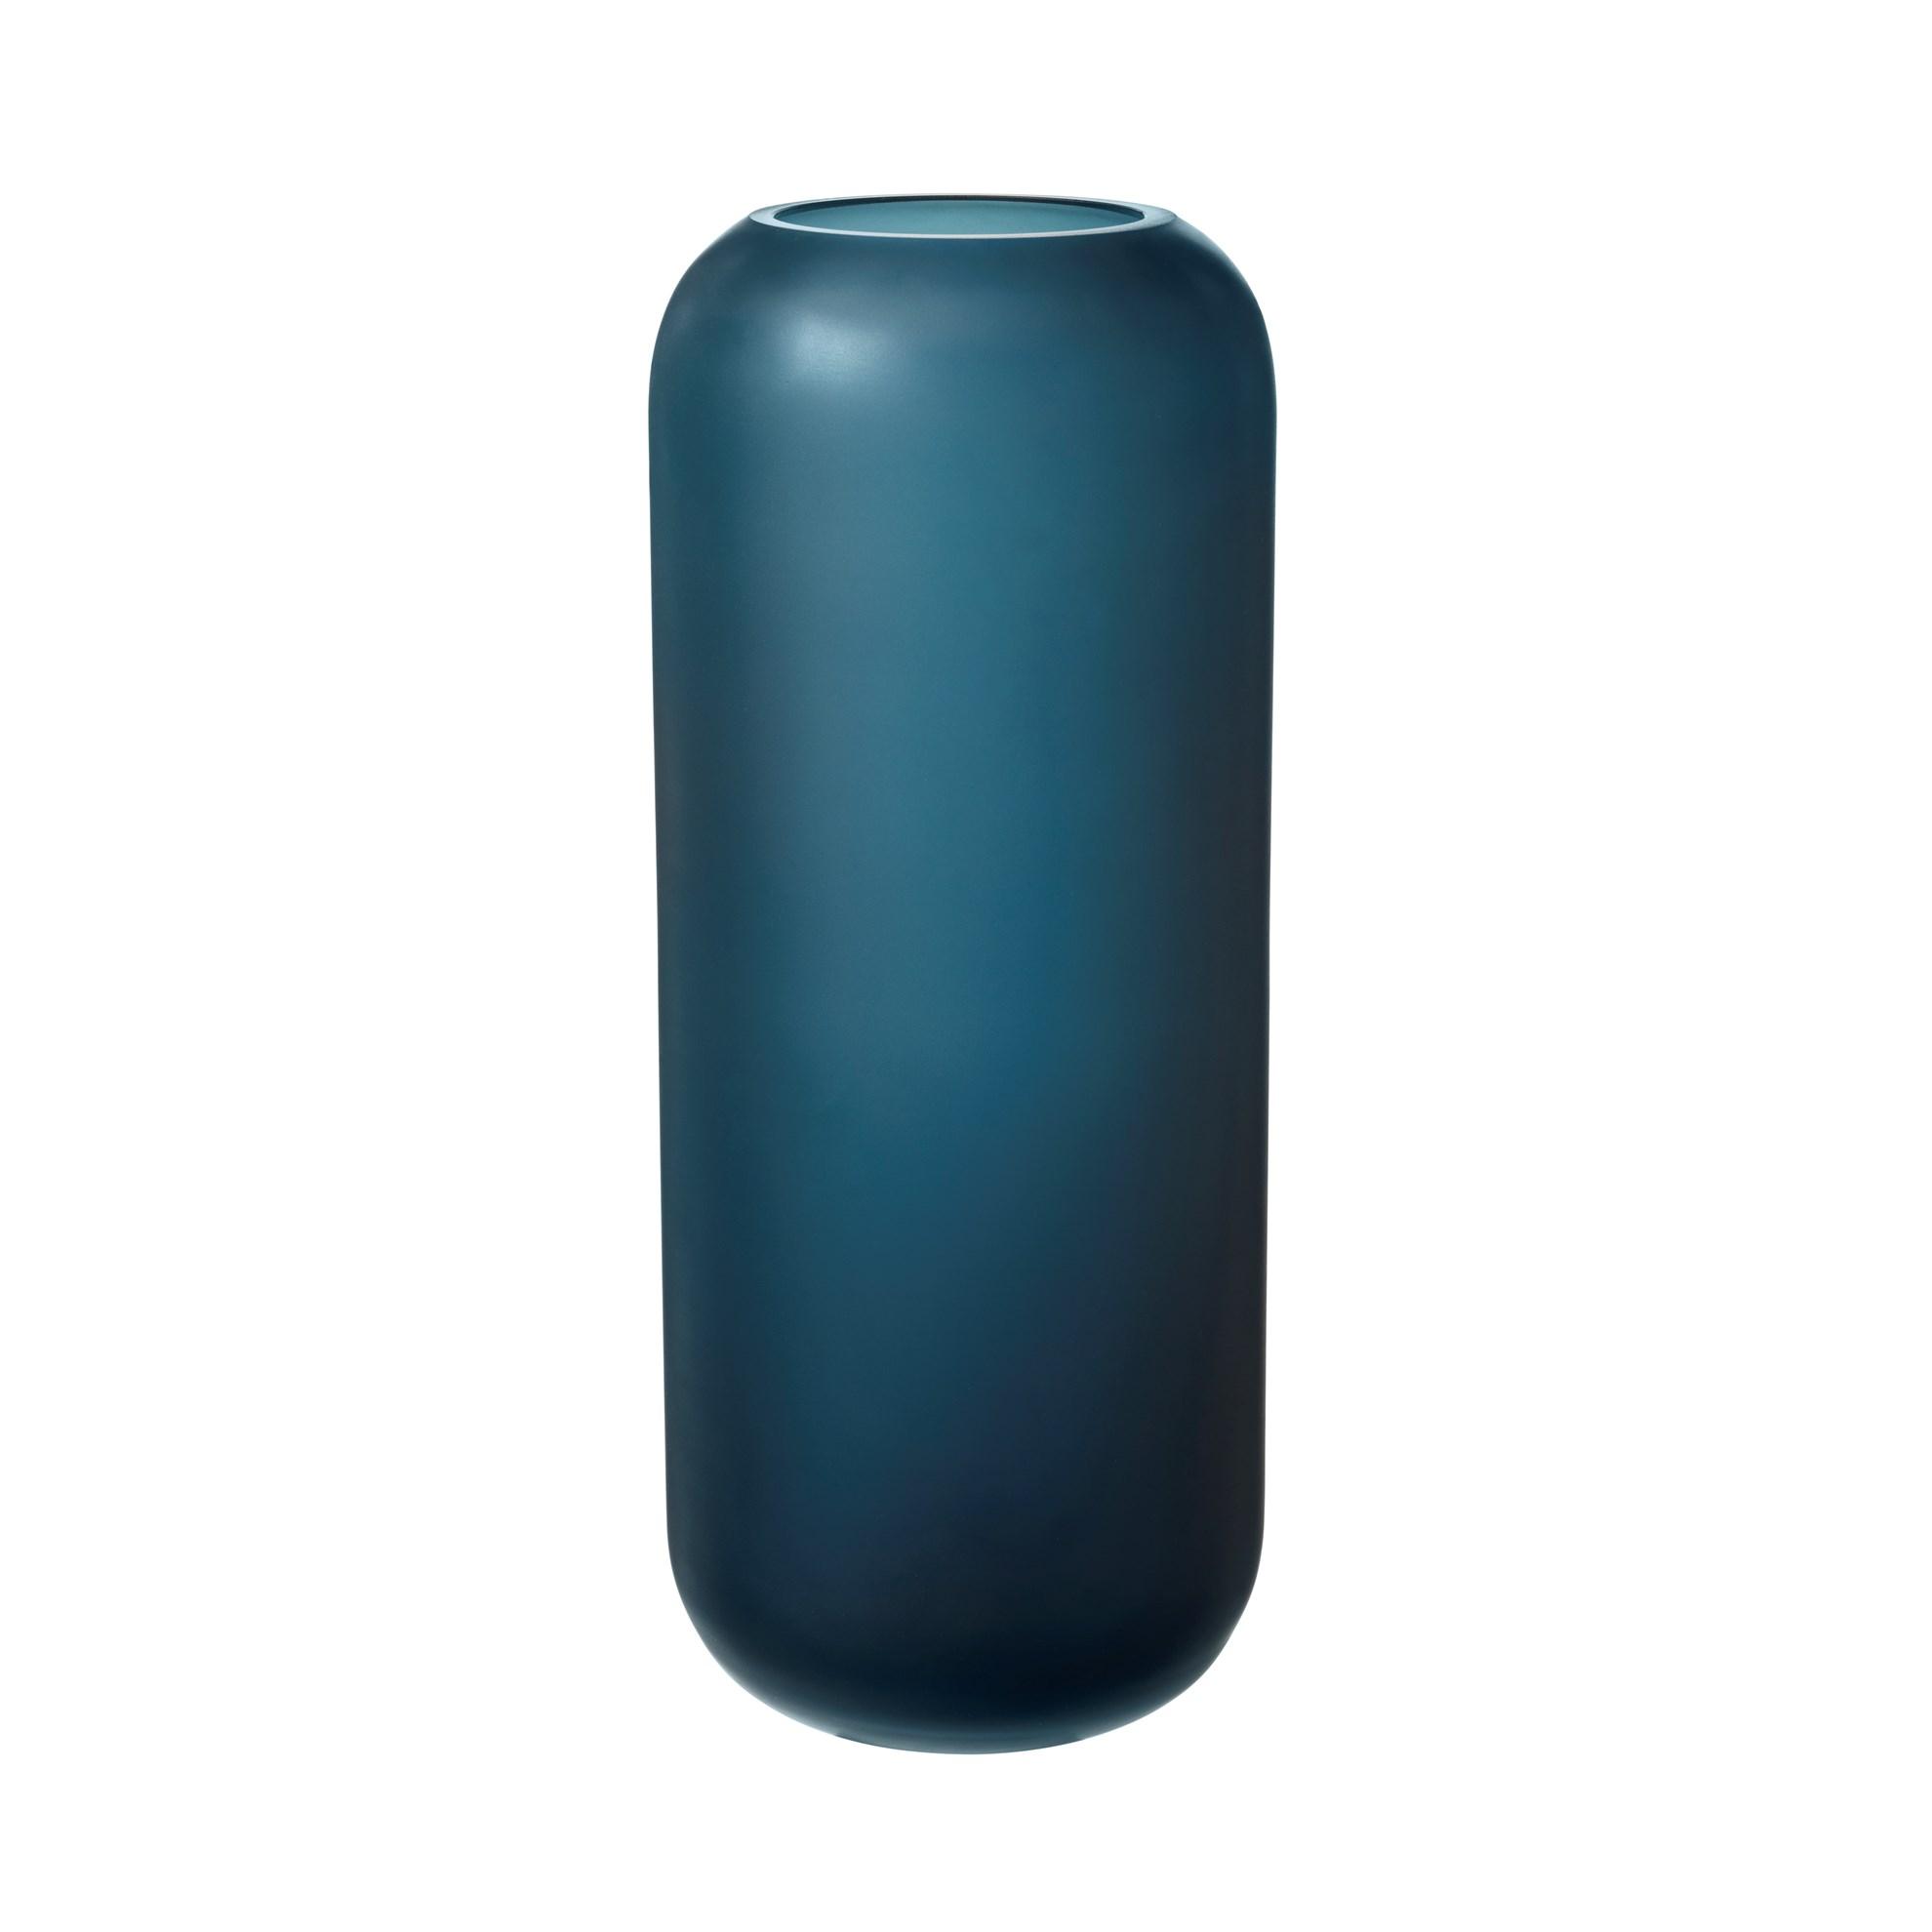 Skleněná váza OVALO 30 cm modrá mat_0